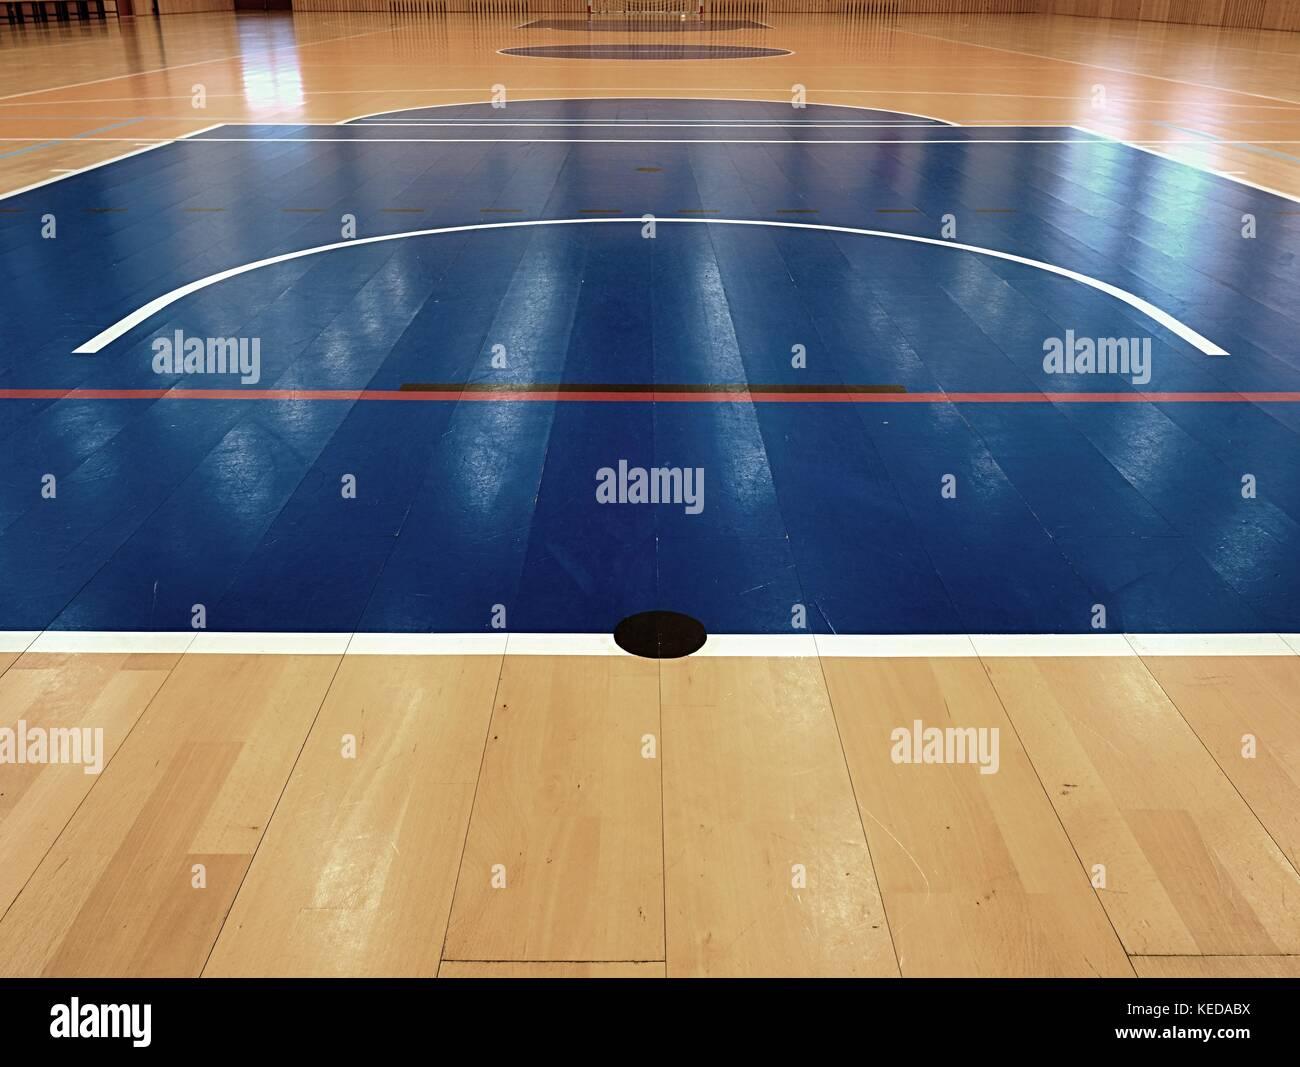 Basketballplatz Innen. Weiße Linien Und Blau Spielfeld In Halle. Hanball  Tor An Wand.